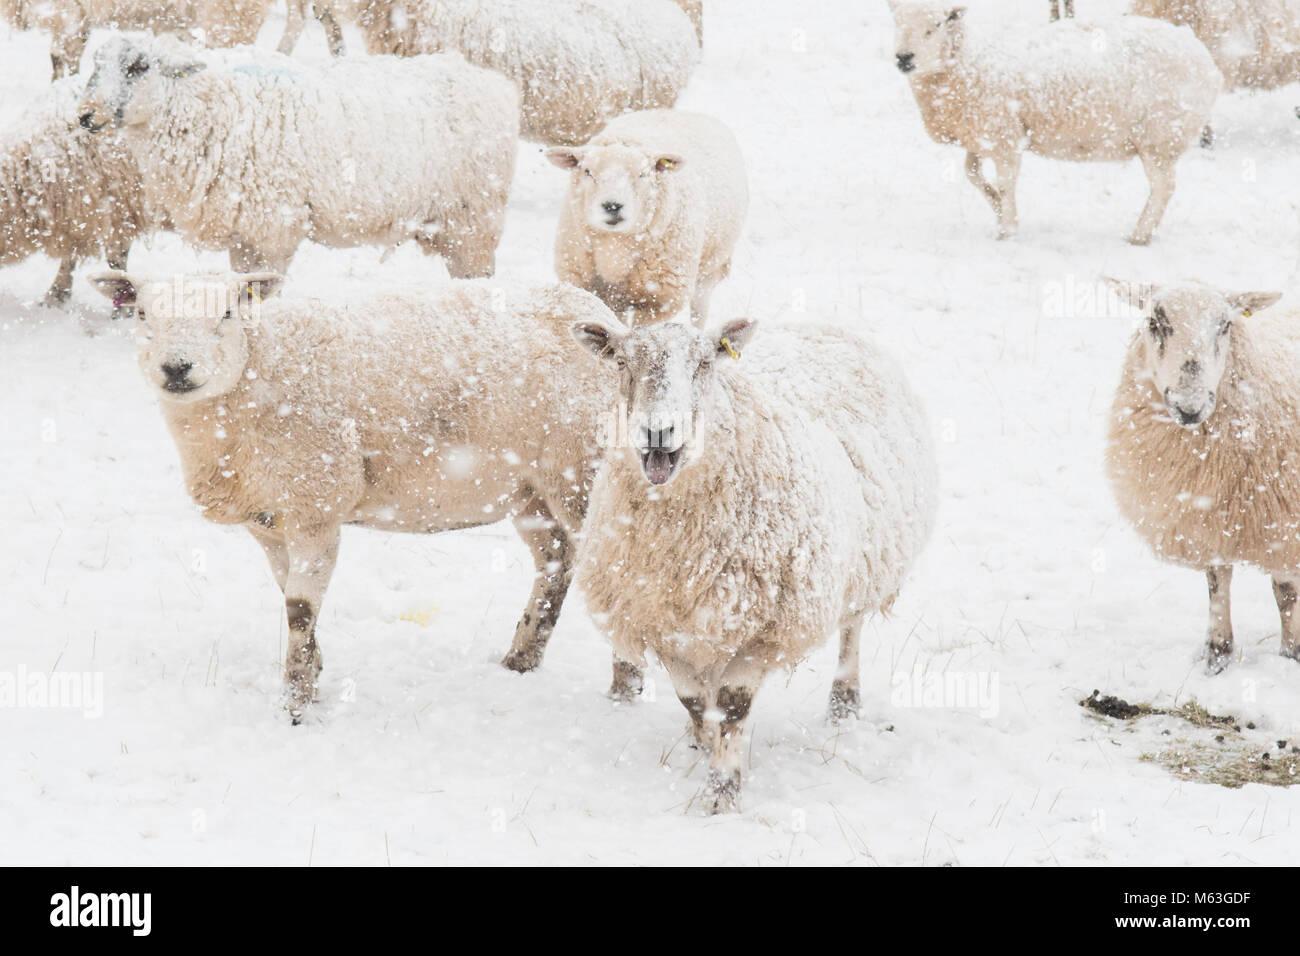 Balfron, Stirlingshire, Scotland, UK. 28 Février, 2018. UK - les moutons dans l'espoir de nourriture dans Photo Stock